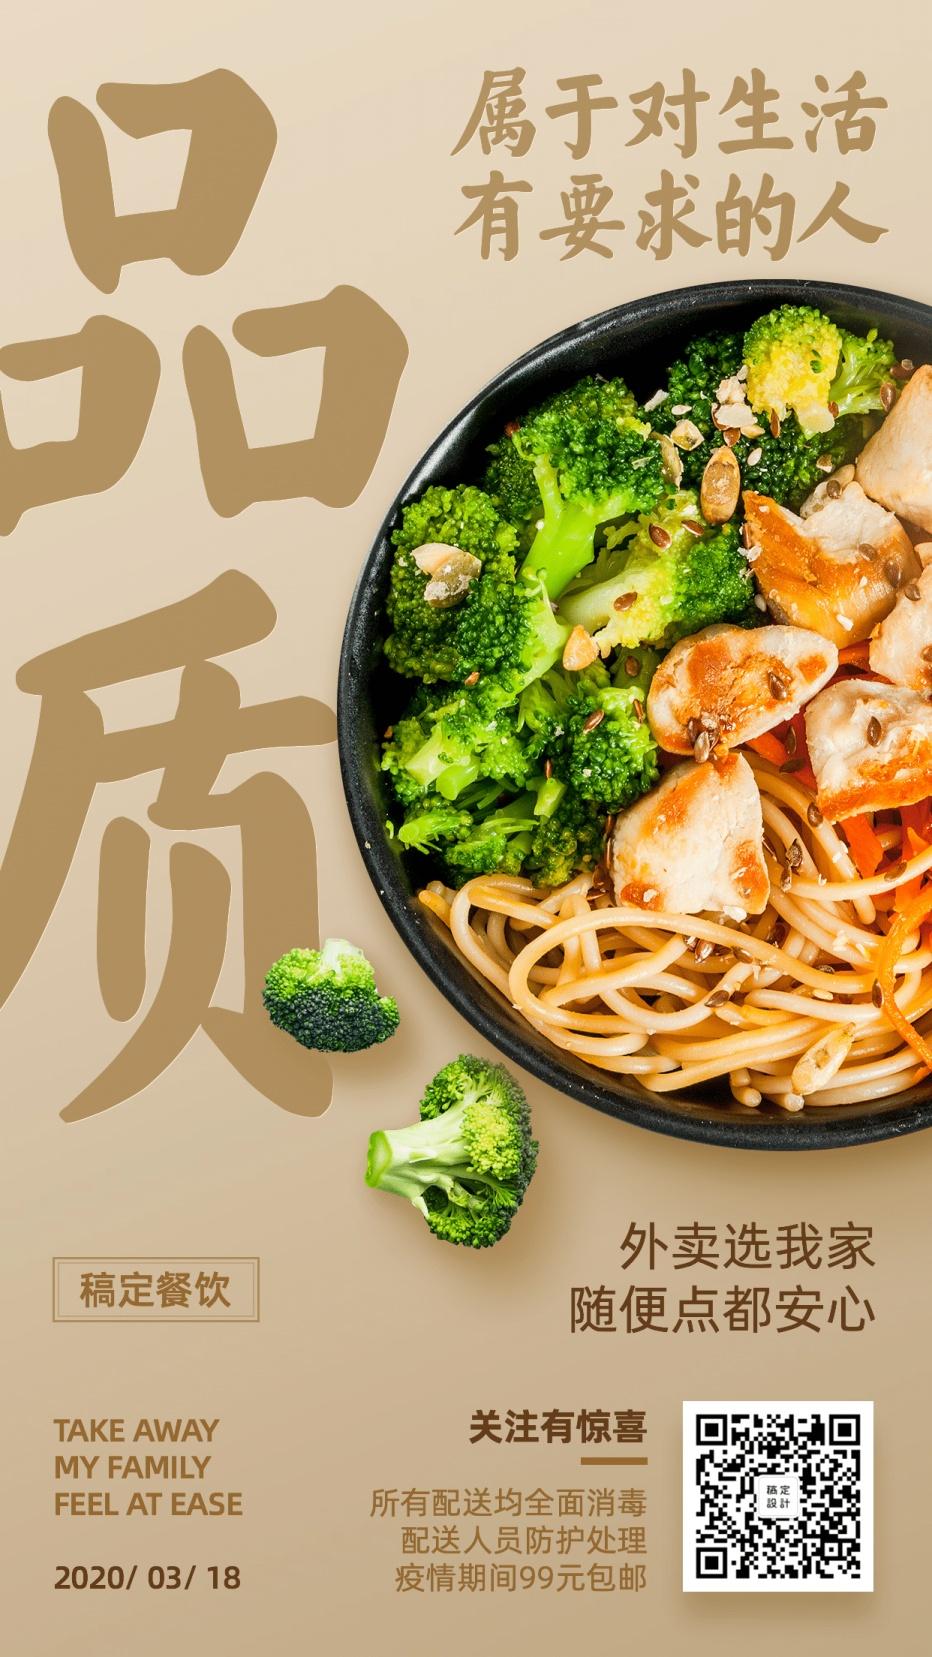 315品质先行餐饮承诺海报